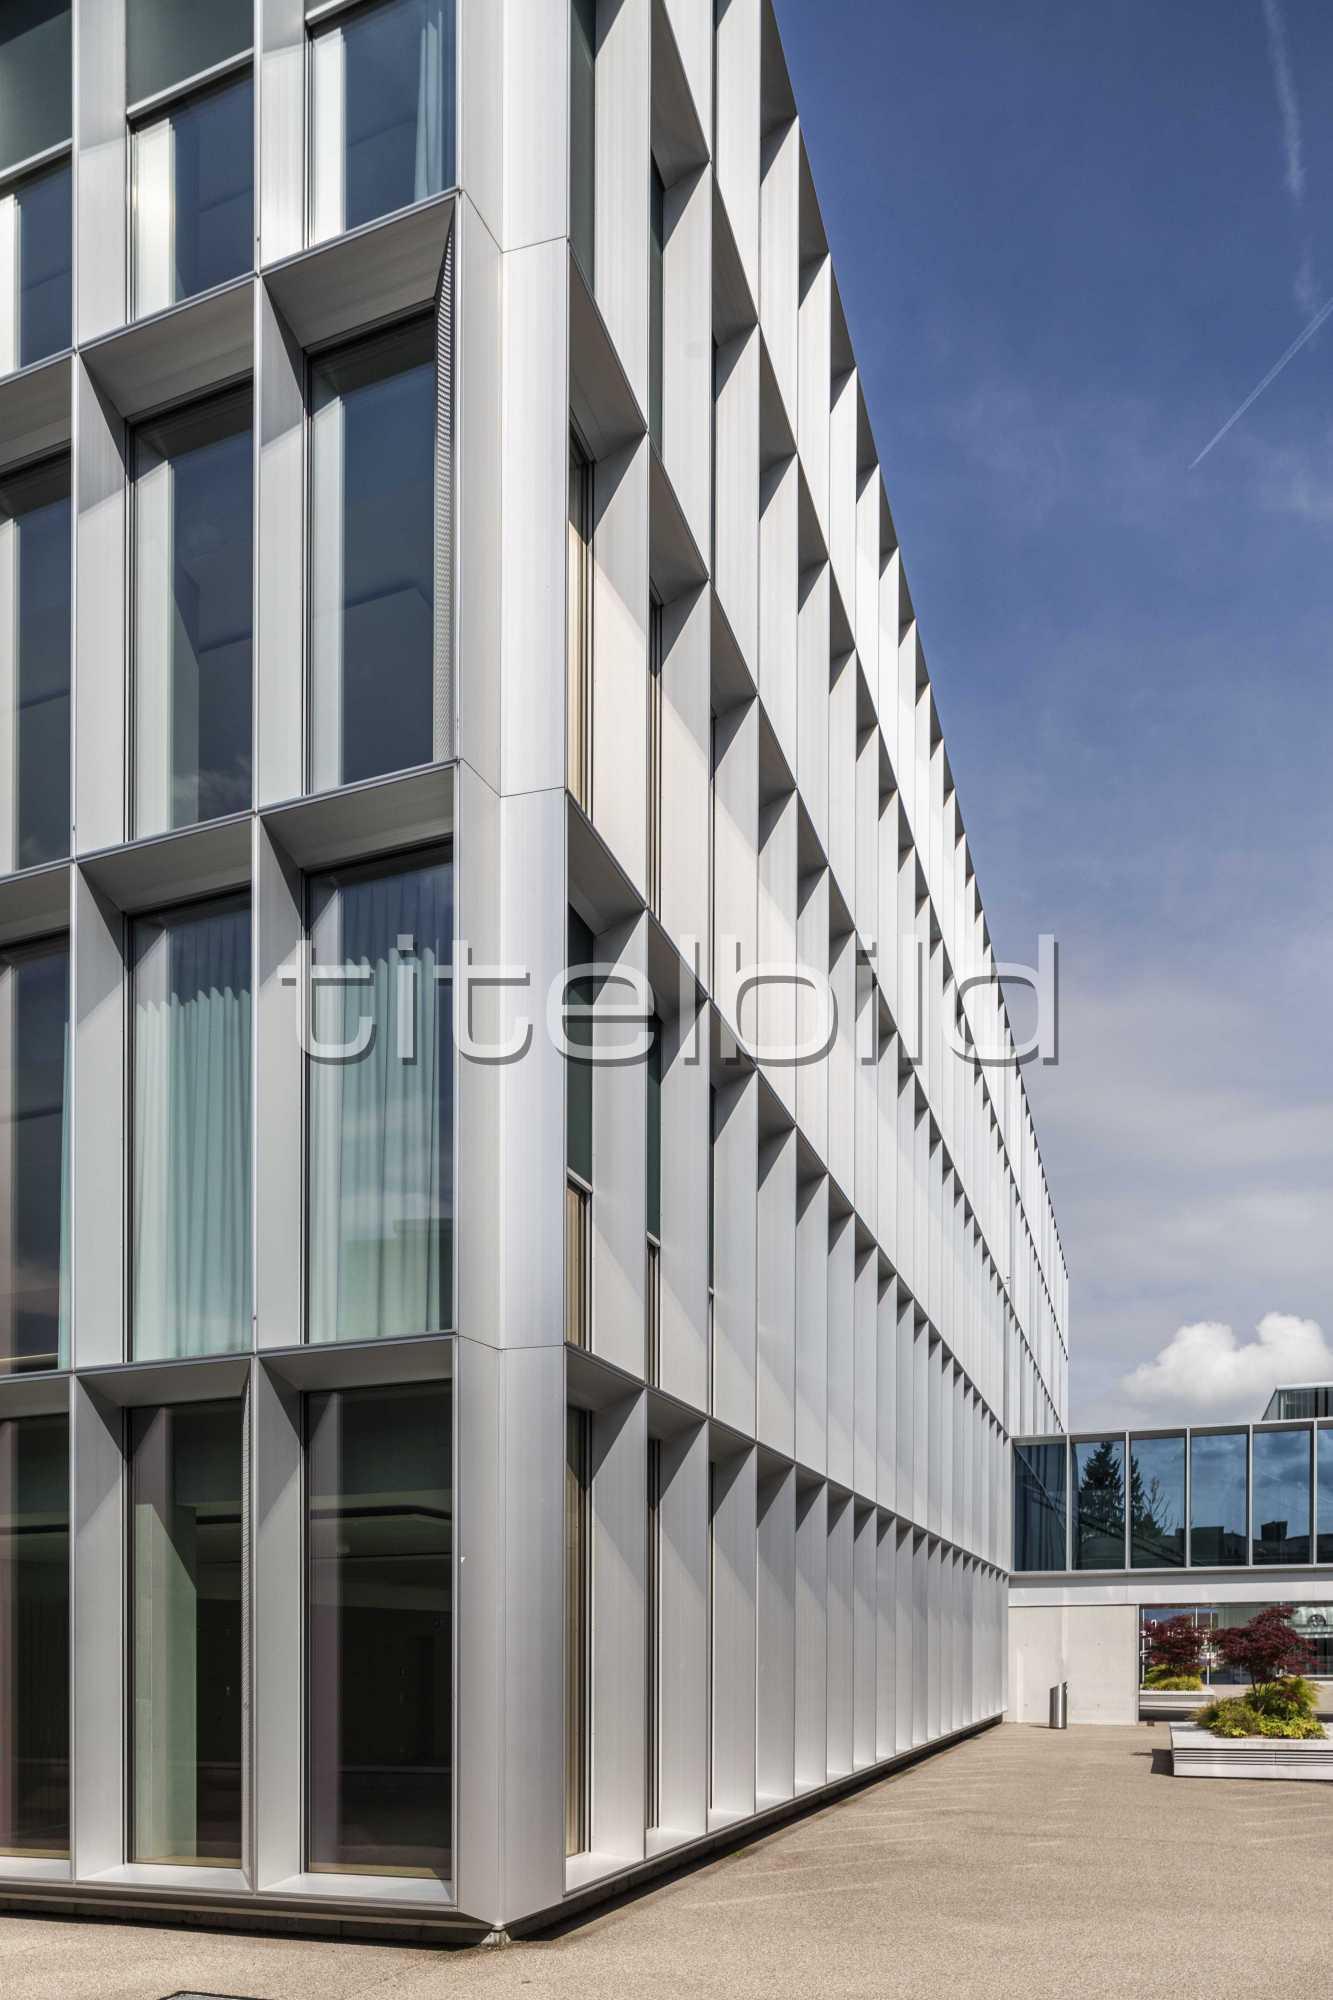 Projektbild-Nr. 3: Forum Zofingen